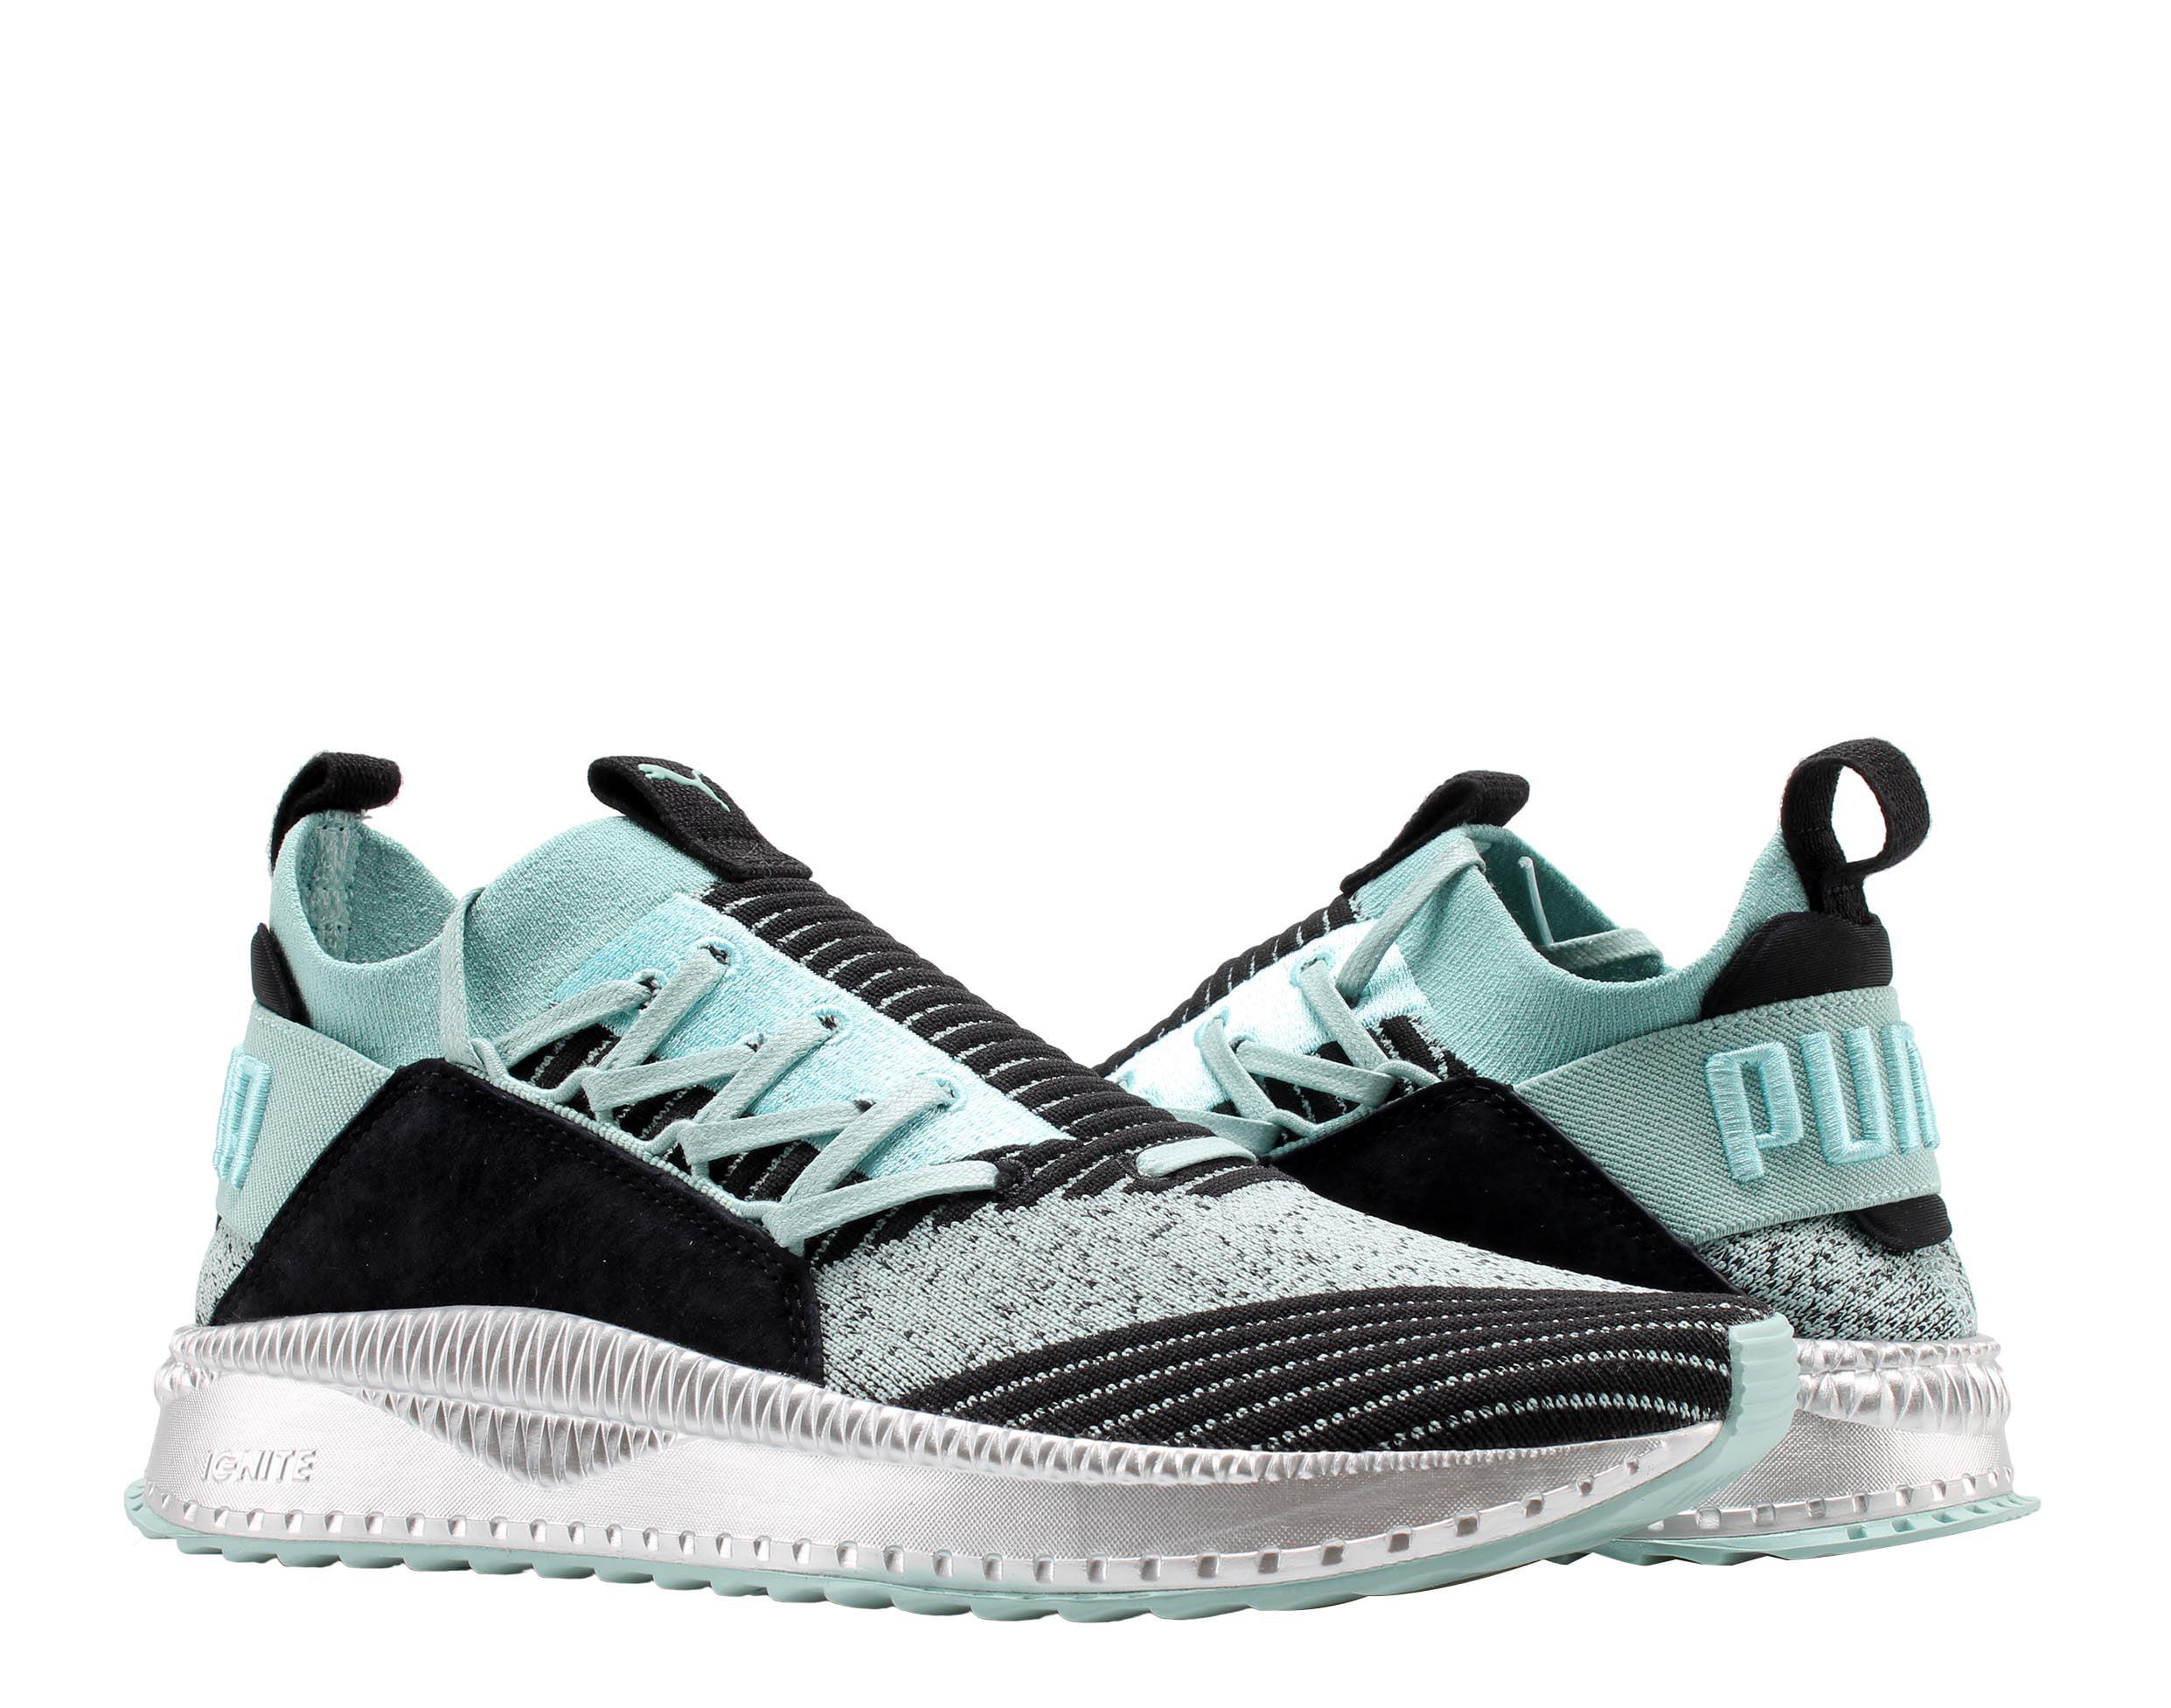 bccbc86099 PUMA - Puma TSUGI Jun TD Aquifer-Black-Silver Men's Casual Sneakers  36702001 - Walmart.com